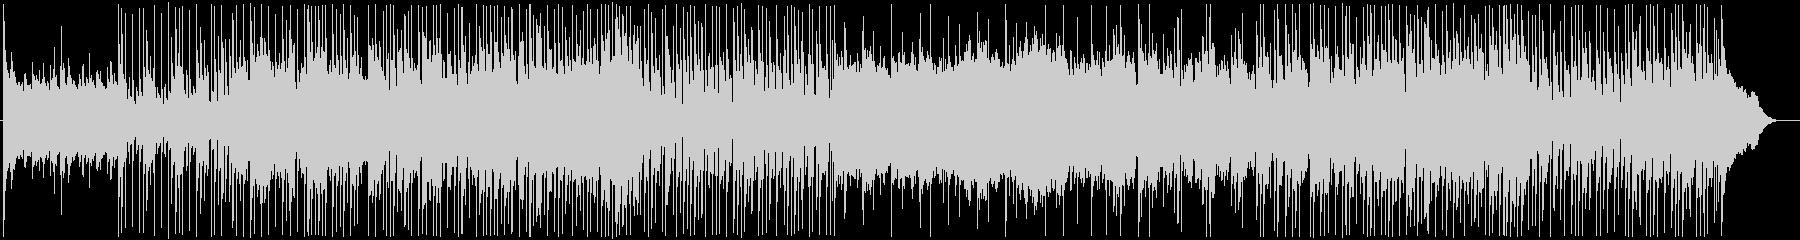 落ち着いて広がりのあるBGM。ホルンの音の未再生の波形